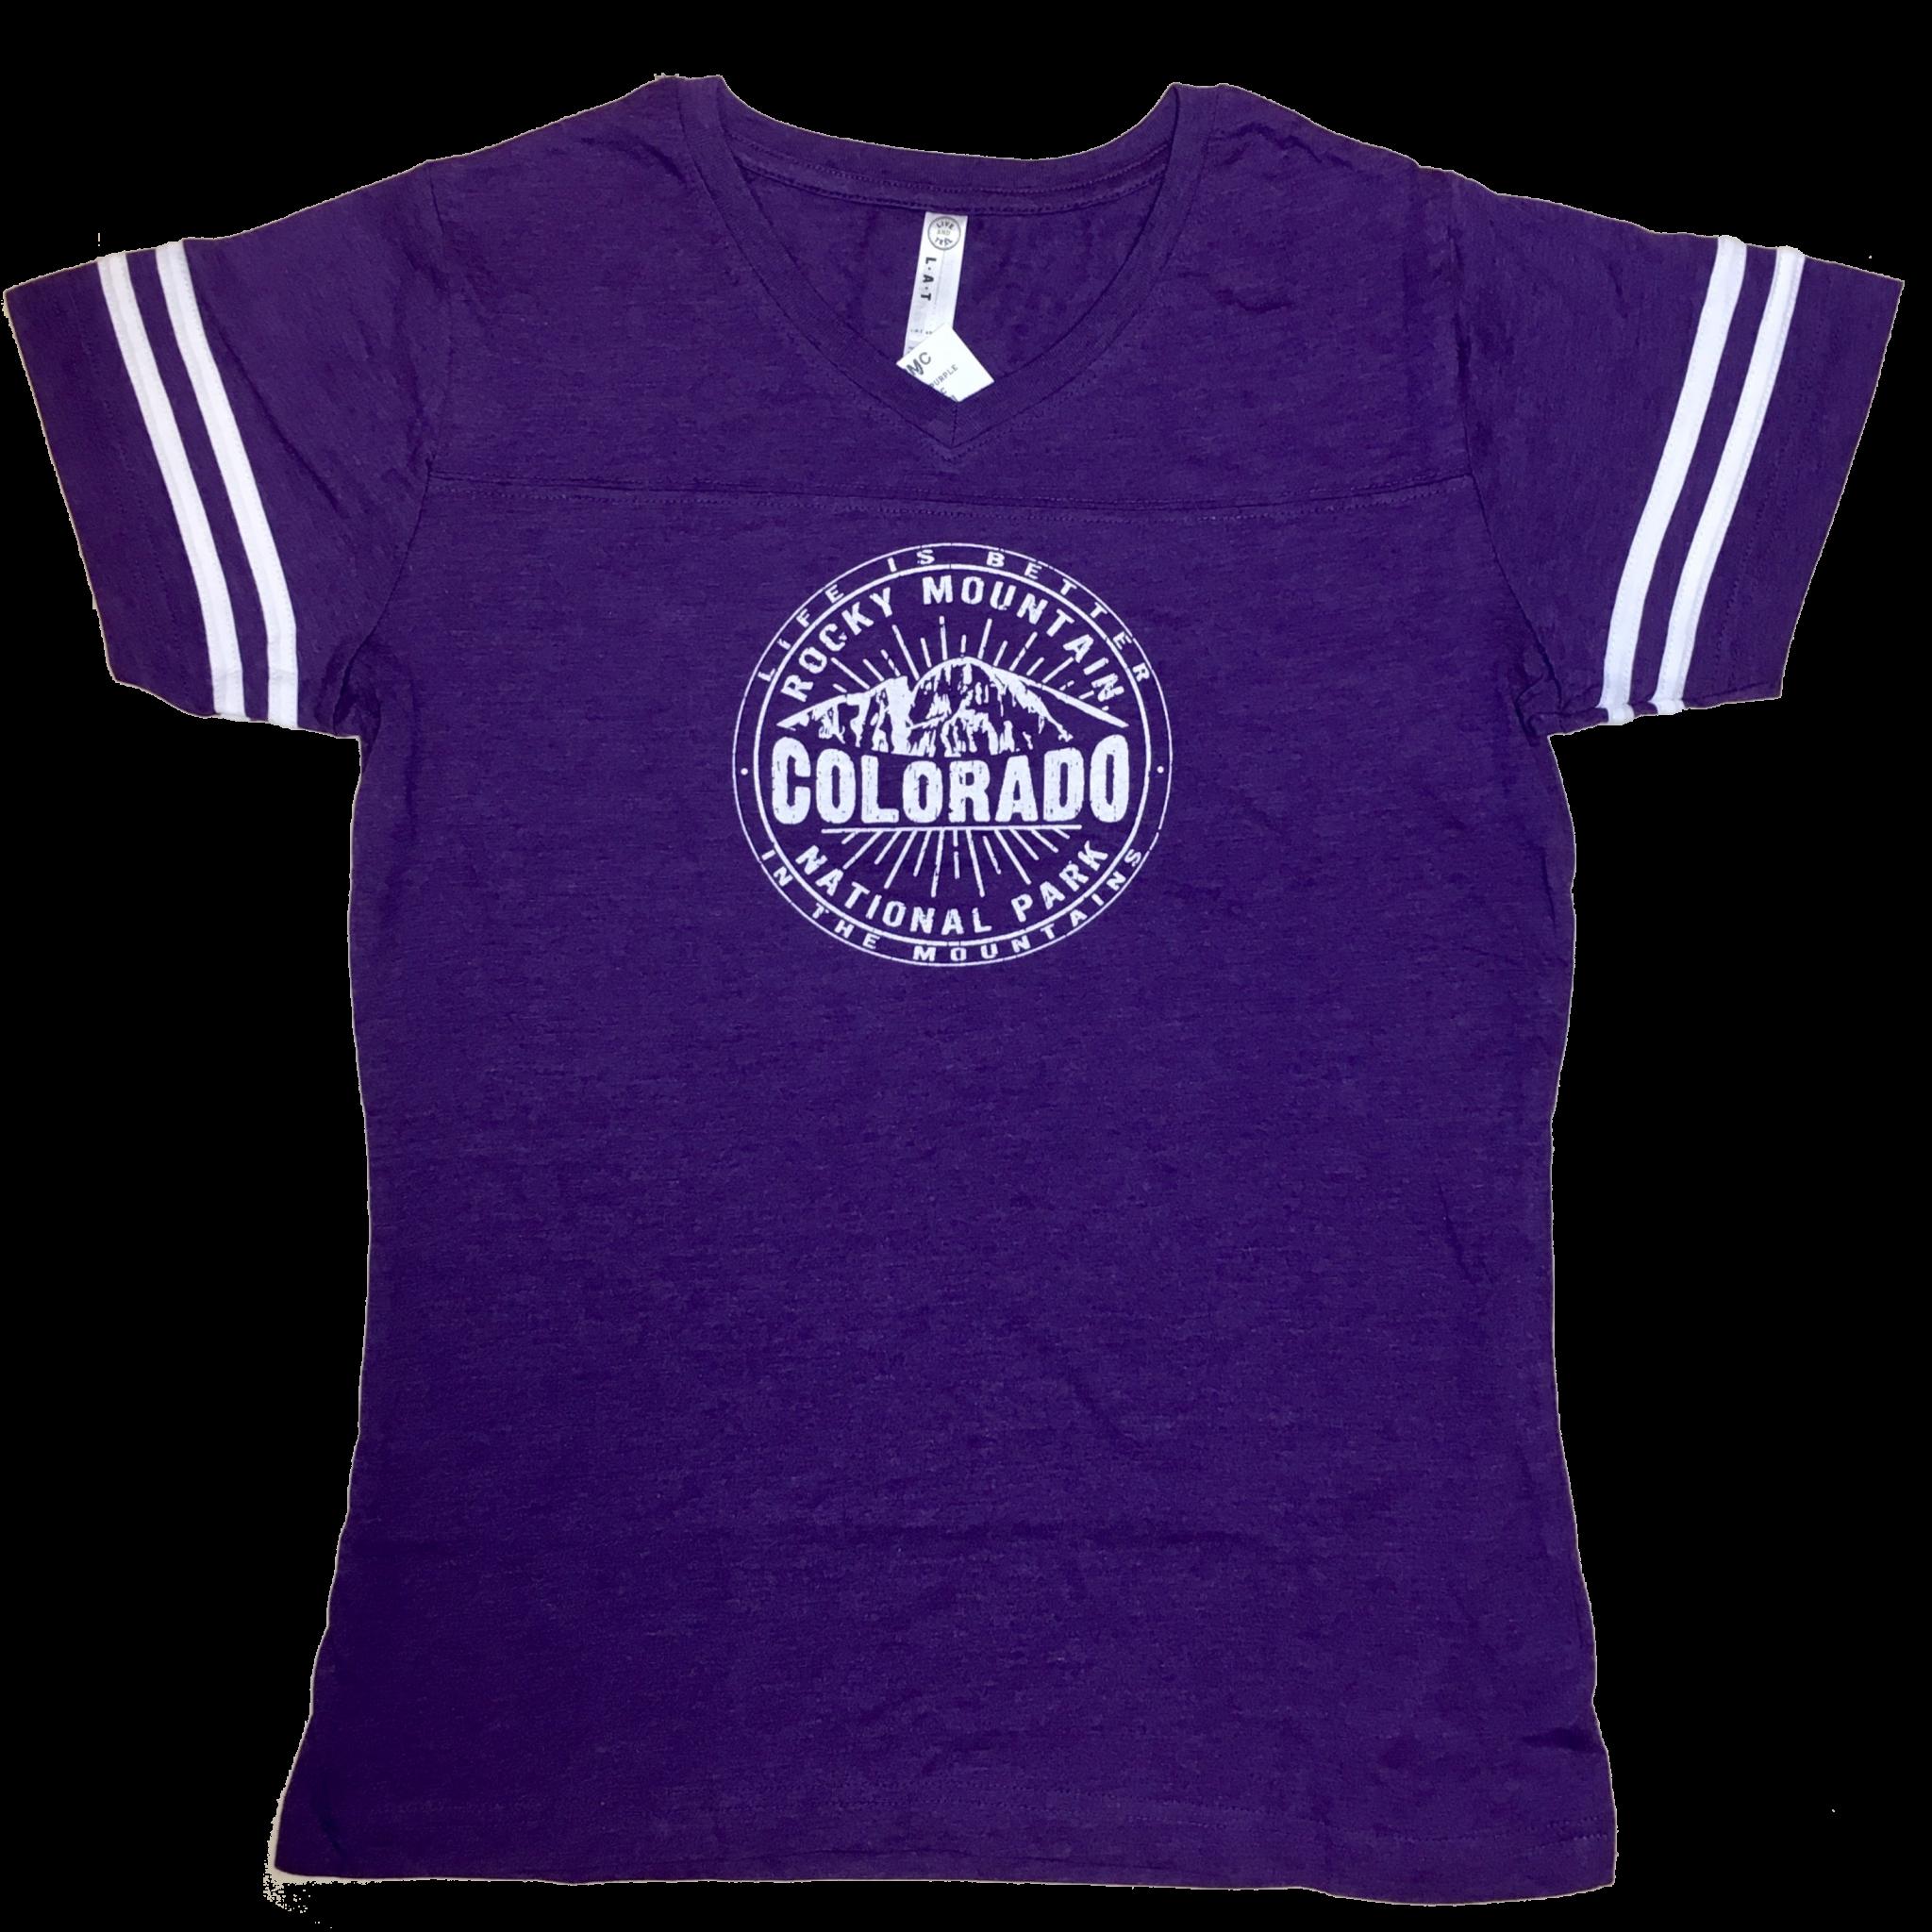 Purple Colorado RMNP Tshirt